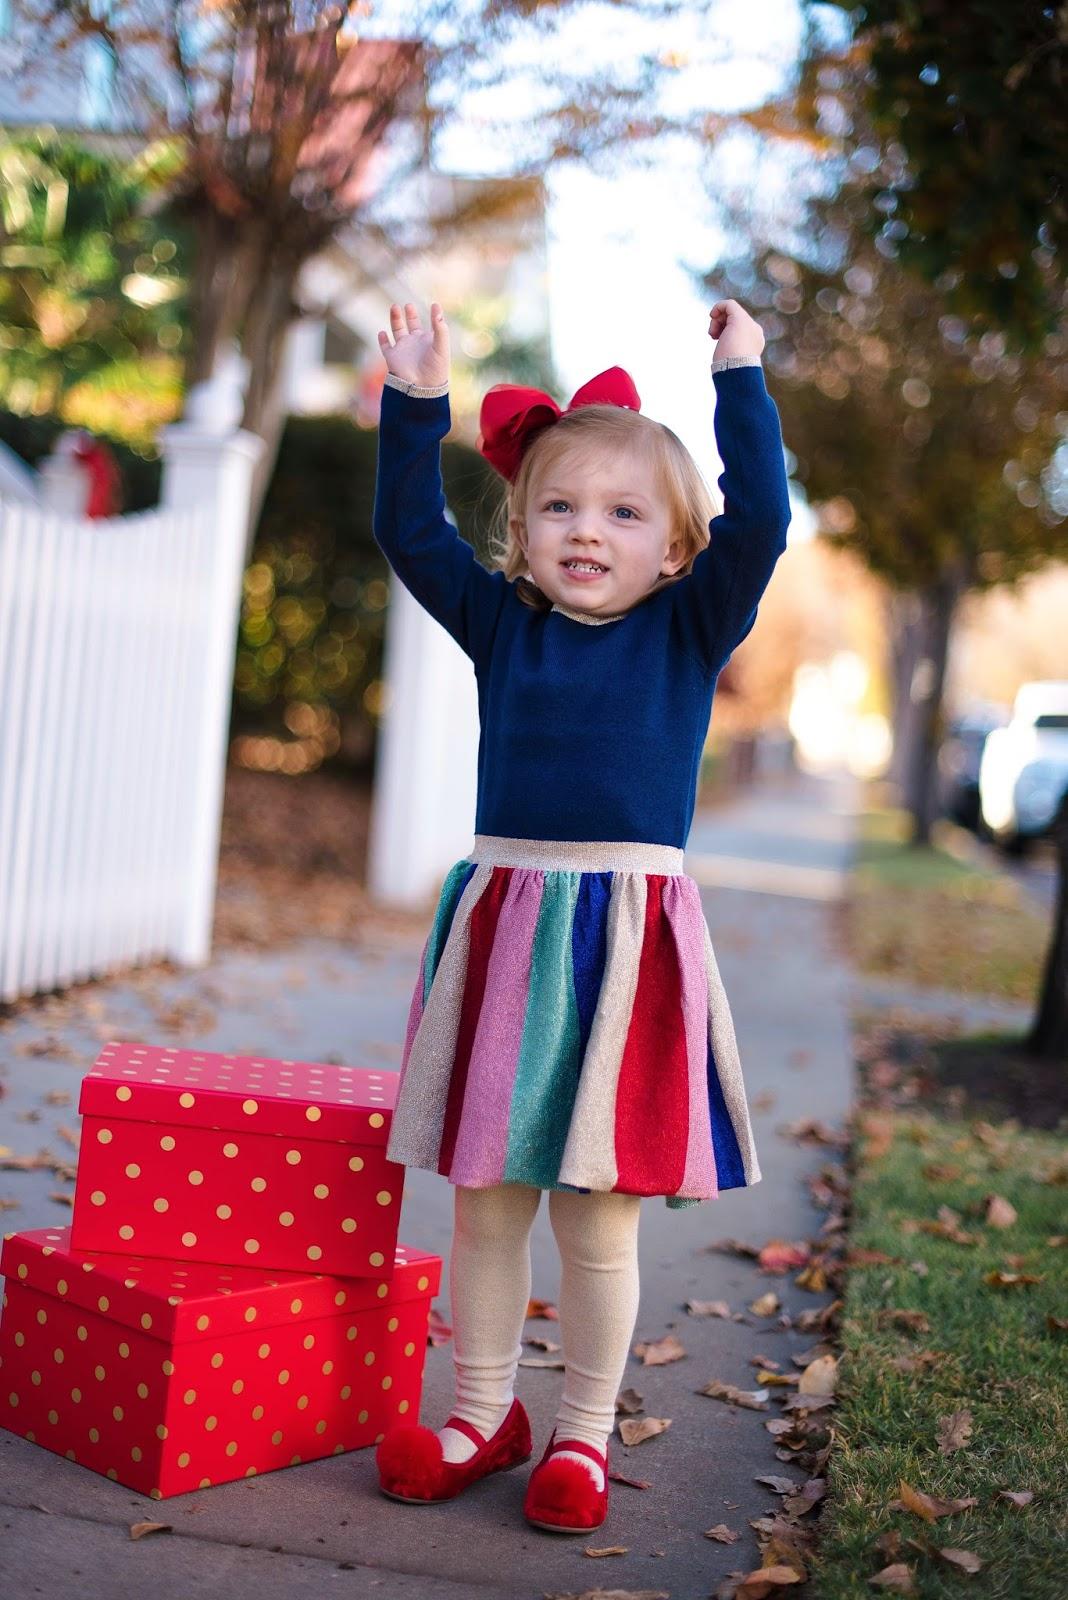 Toddler Holiday Style - Something Delightful Blog